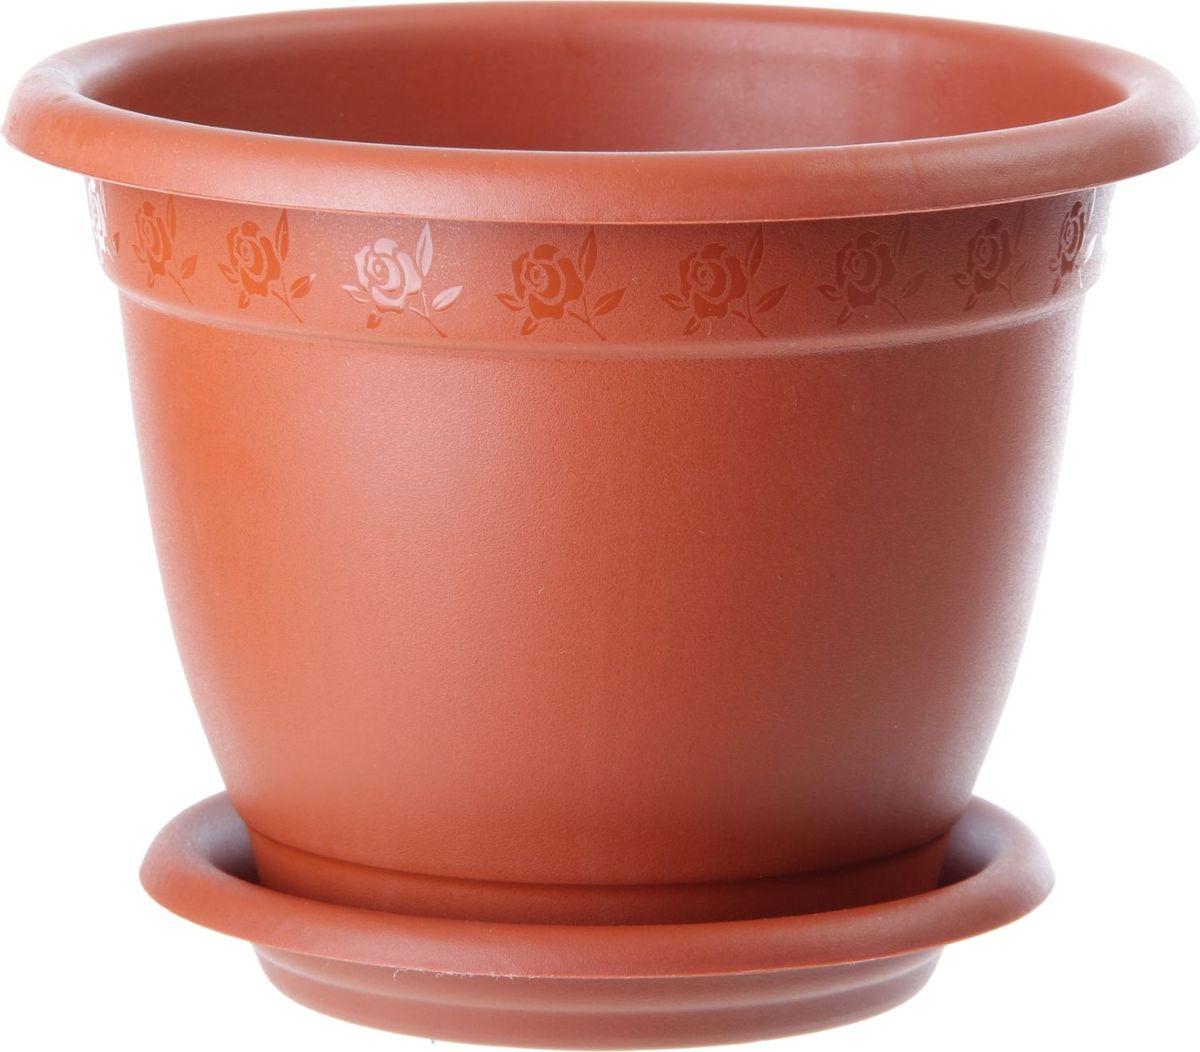 Горшок для цветов InGreen Борнео, с поддоном, цвет: терракотовый, диаметр 21 см531-105Любой, даже самый современный и продуманный интерьер будет не завершённым без растений. Они не только очищают воздух и насыщают его кислородом, но и заметно украшают окружающее пространство. Такому полезному &laquo члену семьи&raquoпросто необходимо красивое и функциональное кашпо, оригинальный горшок или необычная ваза! Мы предлагаем - Горшок для цветов d=21 см Борнео 6 л, с подставкой, цвет терракотовый!Оптимальный выбор материала &mdash &nbsp пластмасса! Почему мы так считаем? Малый вес. С лёгкостью переносите горшки и кашпо с места на место, ставьте их на столики или полки, подвешивайте под потолок, не беспокоясь о нагрузке. Простота ухода. Пластиковые изделия не нуждаются в специальных условиях хранения. Их&nbsp легко чистить &mdashдостаточно просто сполоснуть тёплой водой. Никаких царапин. Пластиковые кашпо не царапают и не загрязняют поверхности, на которых стоят. Пластик дольше хранит влагу, а значит &mdashрастение реже нуждается в поливе. Пластмасса не пропускает воздух &mdashкорневой системе растения не грозят резкие перепады температур. Огромный выбор форм, декора и расцветок &mdashвы без труда подберёте что-то, что идеально впишется в уже существующий интерьер.Соблюдая нехитрые правила ухода, вы можете заметно продлить срок службы горшков, вазонов и кашпо из пластика: всегда учитывайте размер кроны и корневой системы растения (при разрастании большое растение способно повредить маленький горшок)берегите изделие от воздействия прямых солнечных лучей, чтобы кашпо и горшки не выцветалидержите кашпо и горшки из пластика подальше от нагревающихся поверхностей.Создавайте прекрасные цветочные композиции, выращивайте рассаду или необычные растения, а низкие цены позволят вам не ограничивать себя в выборе.